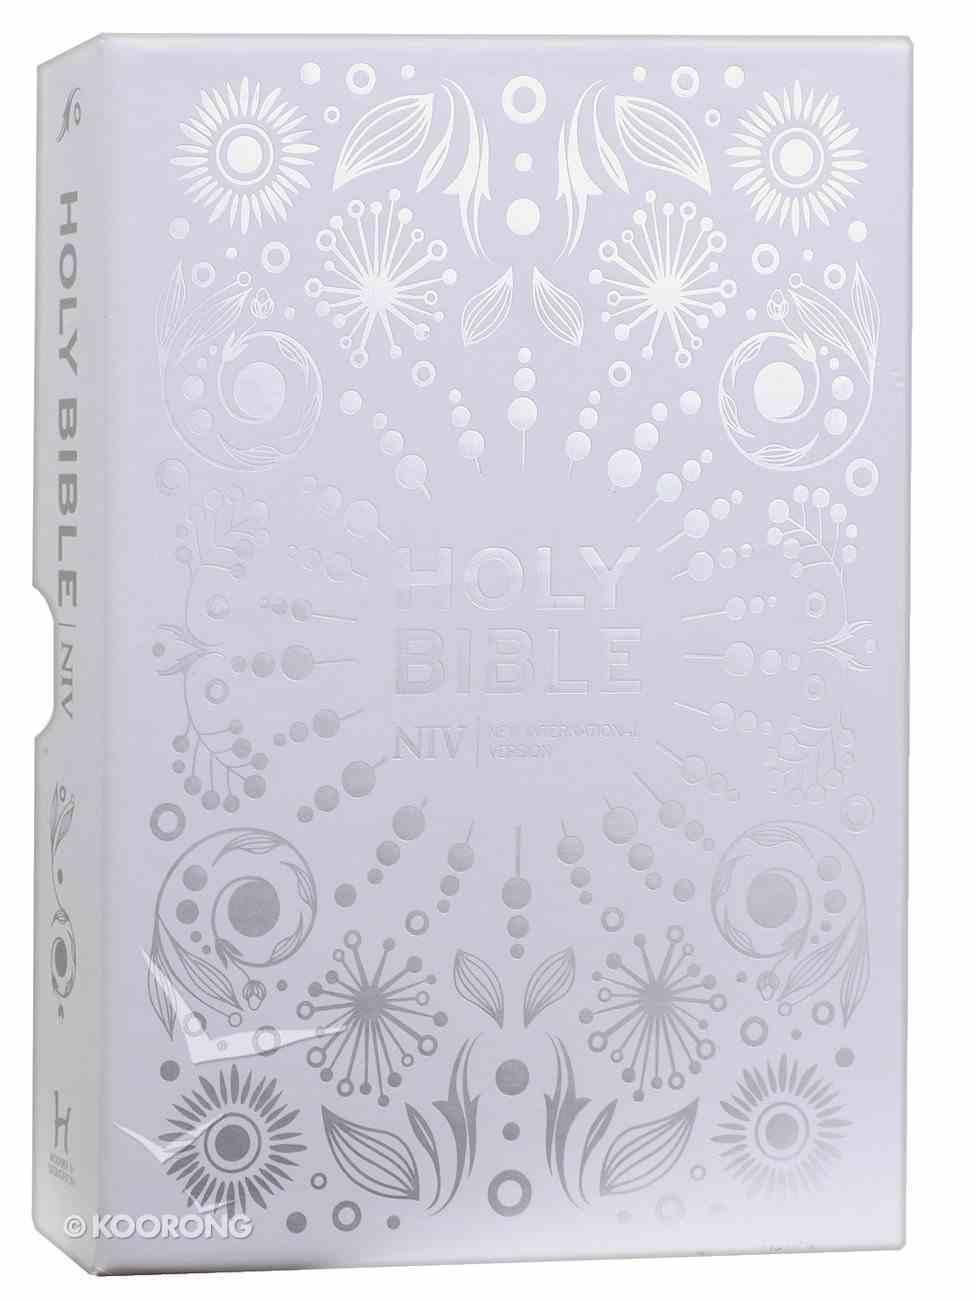 NIV Pocket White Gift Bible Hardback